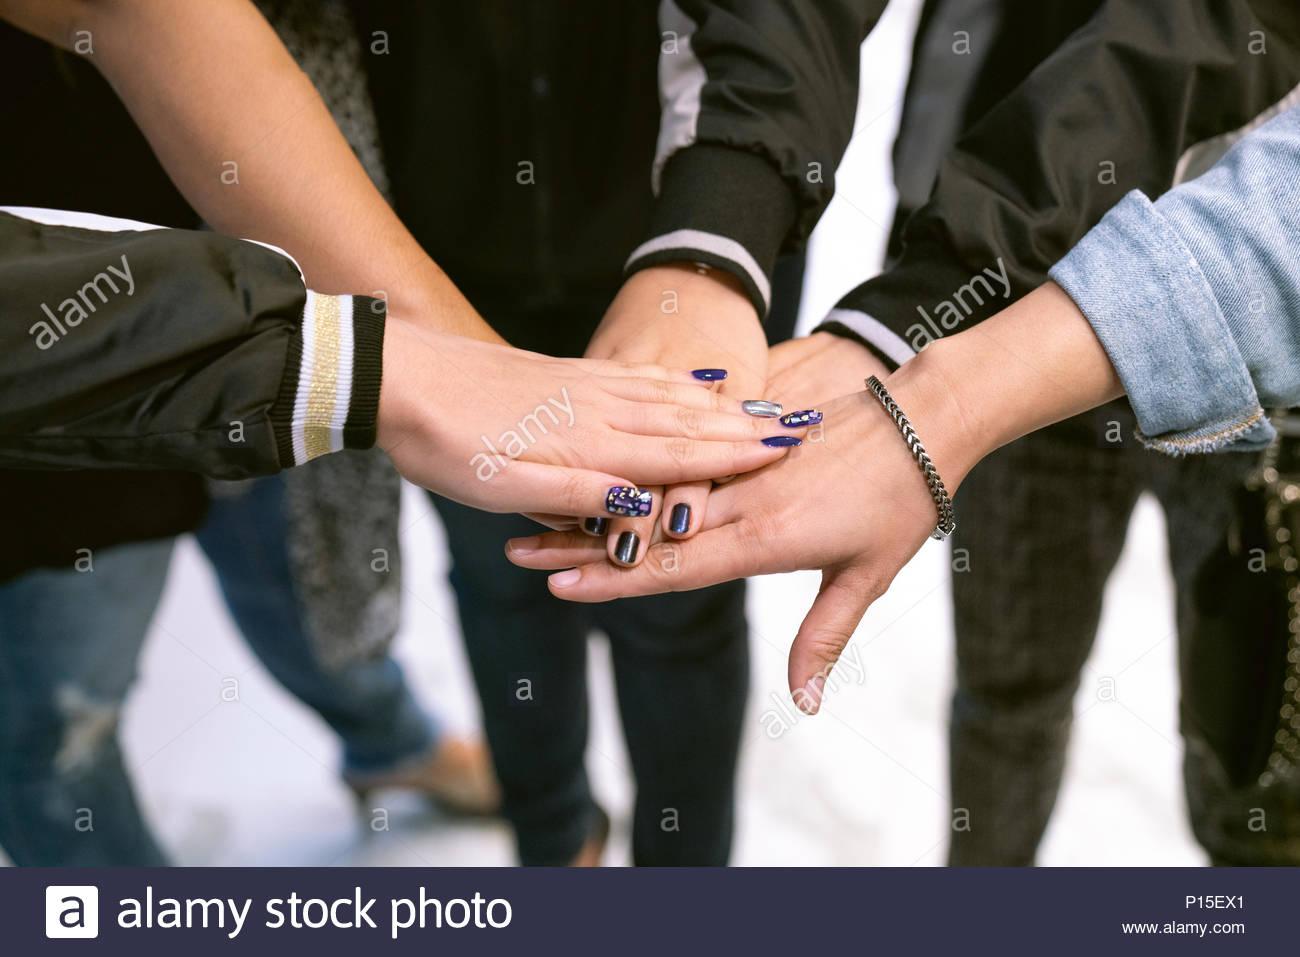 Menschen mit ihren Händen arbeiten im Team Konzept zusammen. Stockbild